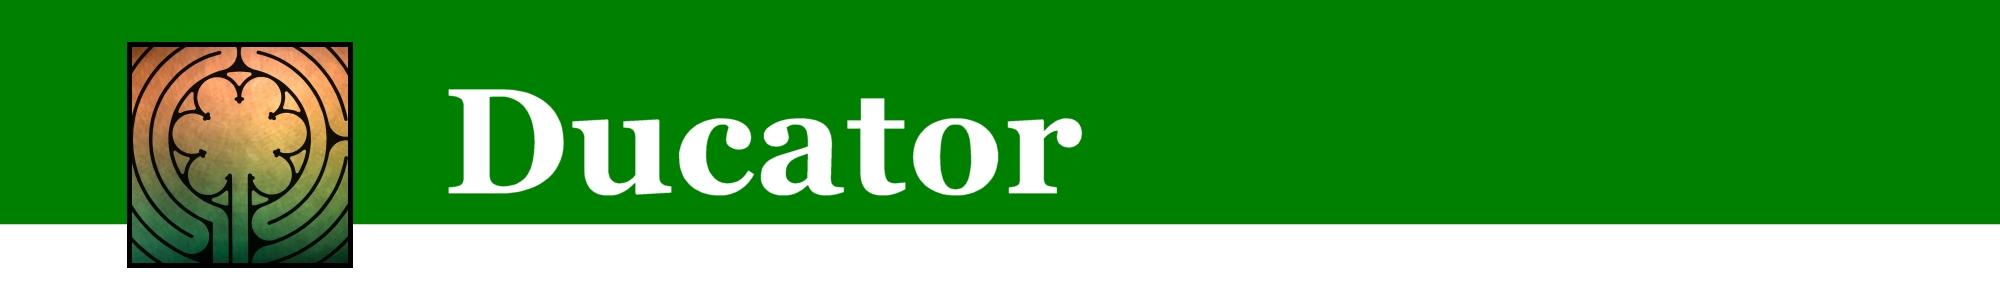 Ducator logo